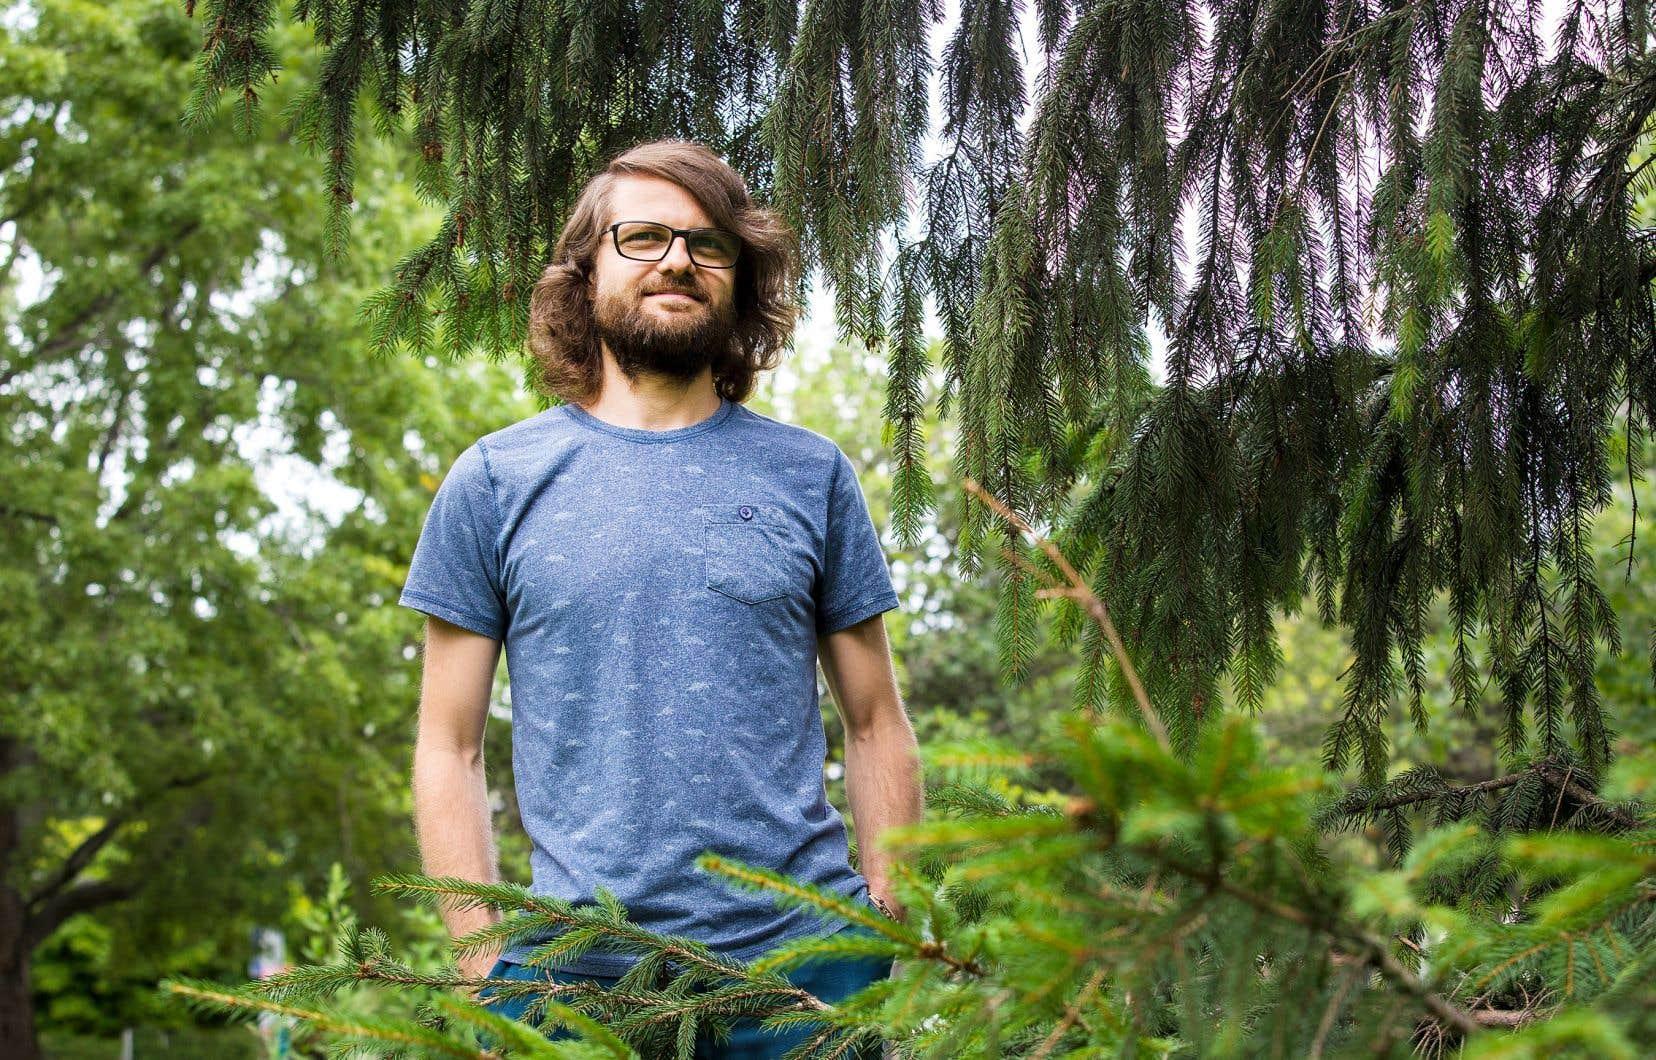 Anders Bjørn, chercheur postdoctoral en génie environnemental à l'Université Concordia, et ses collègues ont dénombré sept méthodes élaborées par divers organismes dans le monde pour réduire les émissions de GES et les ont éprouvées pour déterminer lesquelles étaient les plus efficaces.